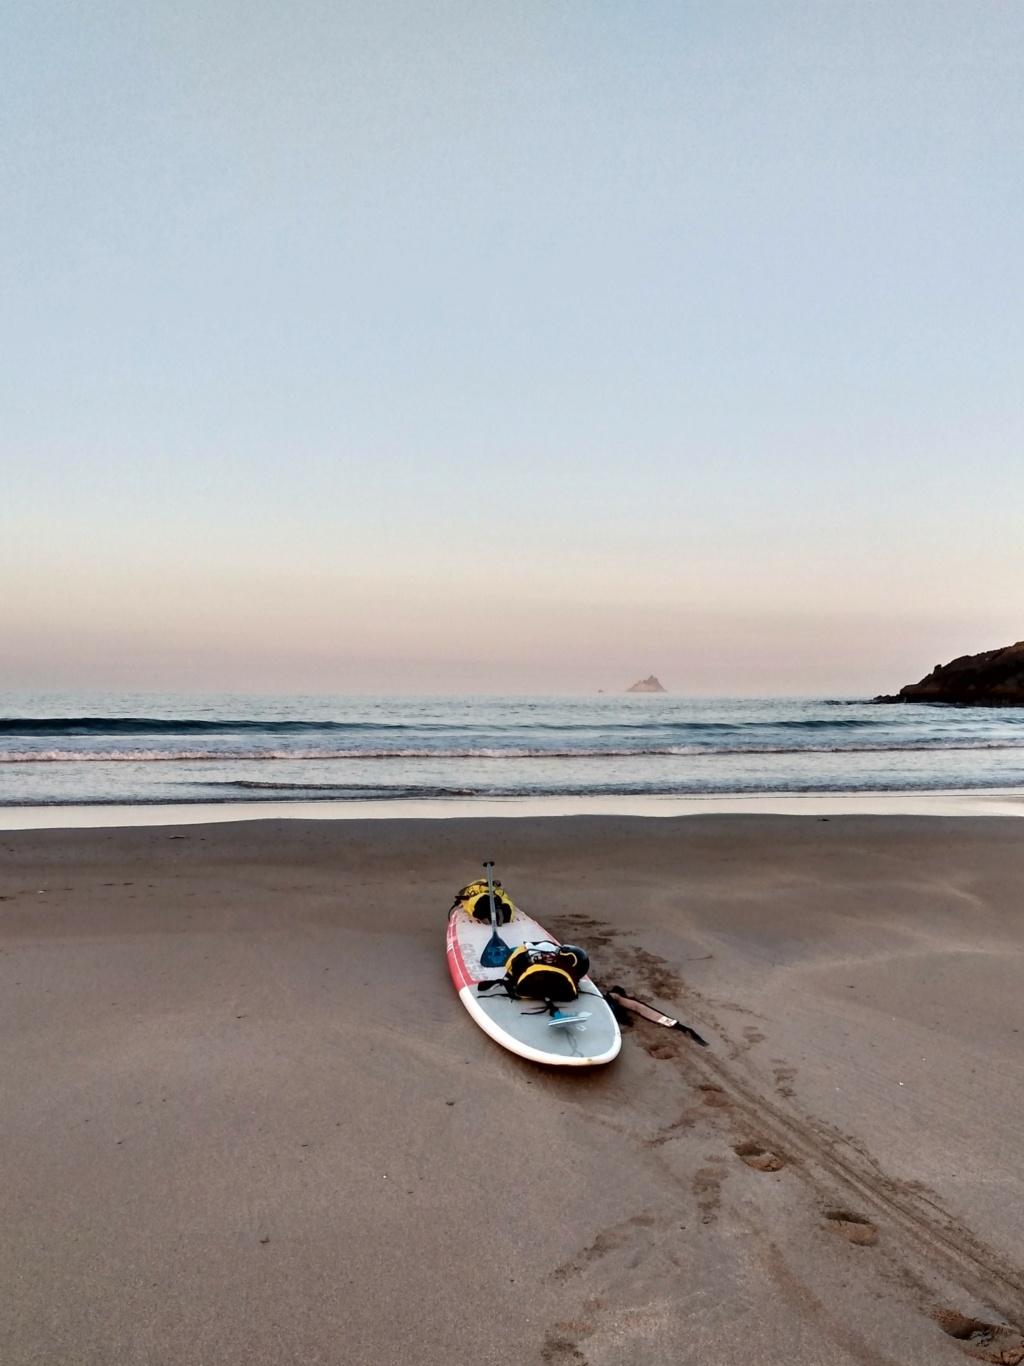 Rando en mer dans le sud de l'Irlande - Page 2 Img_2073